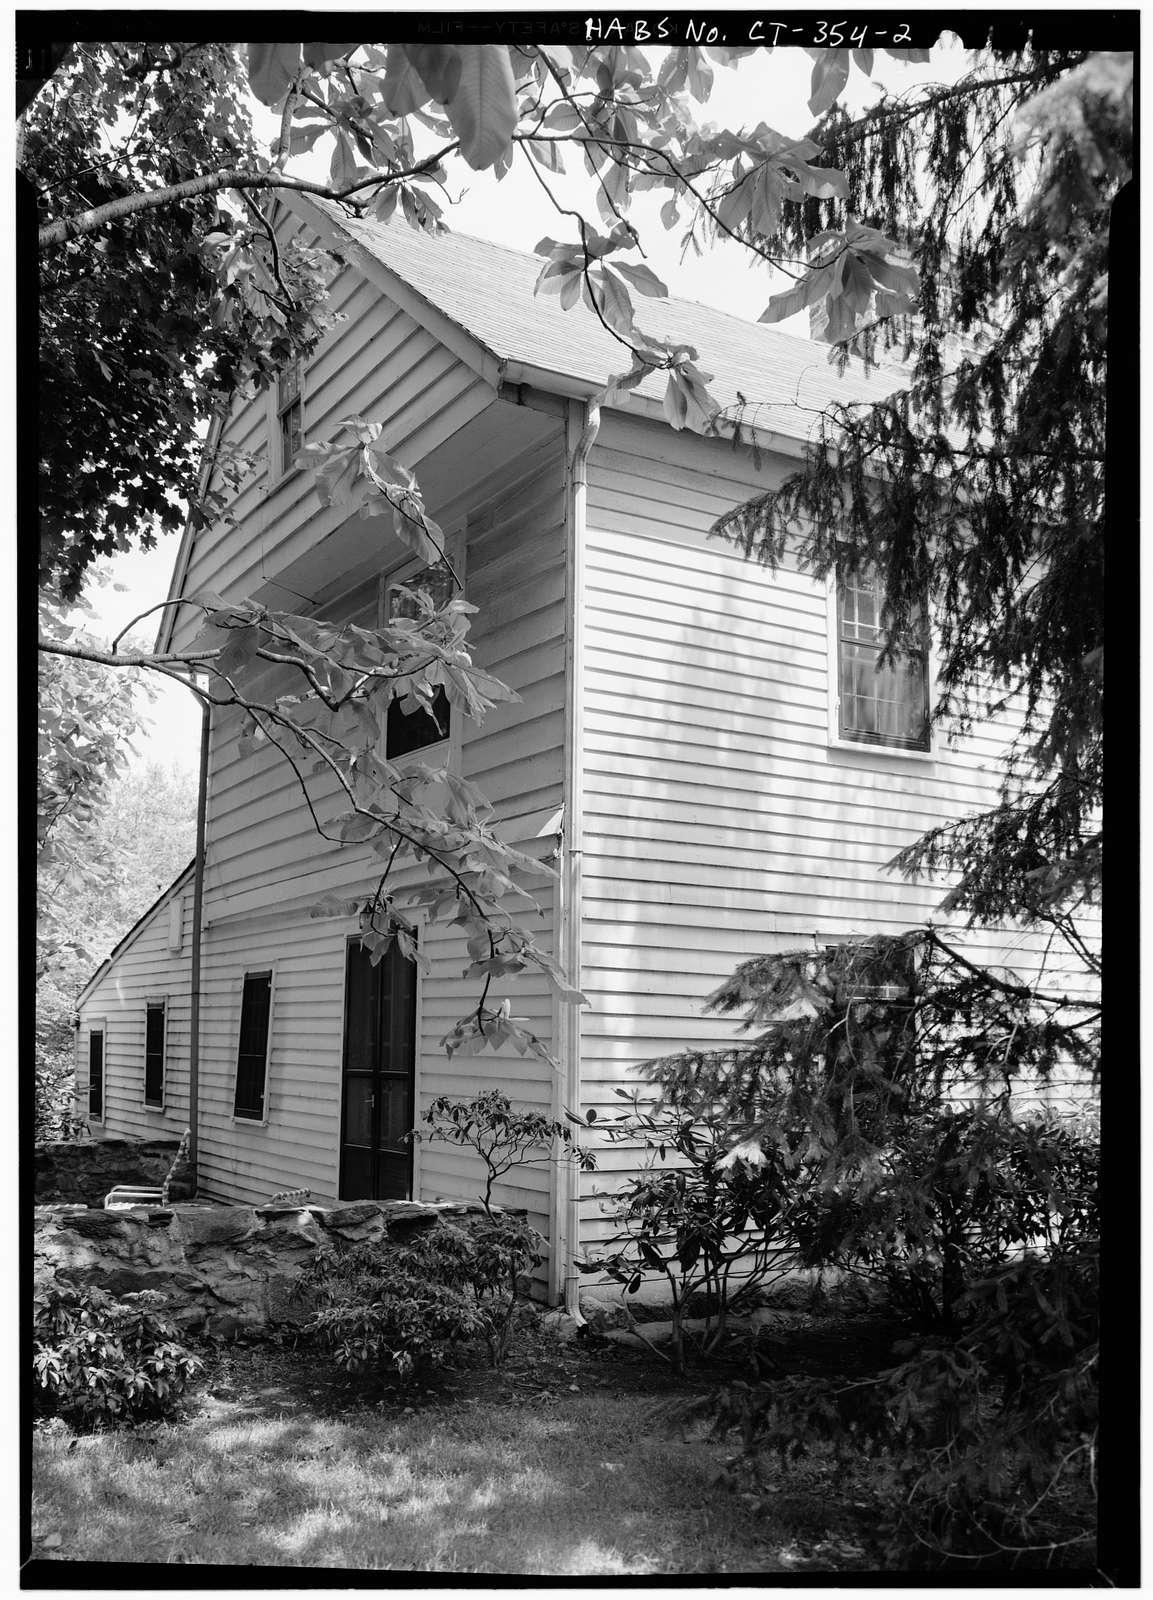 Samuel Knap House, Oxen Walk, 984 Stillwater Road, Stamford, Fairfield County, CT